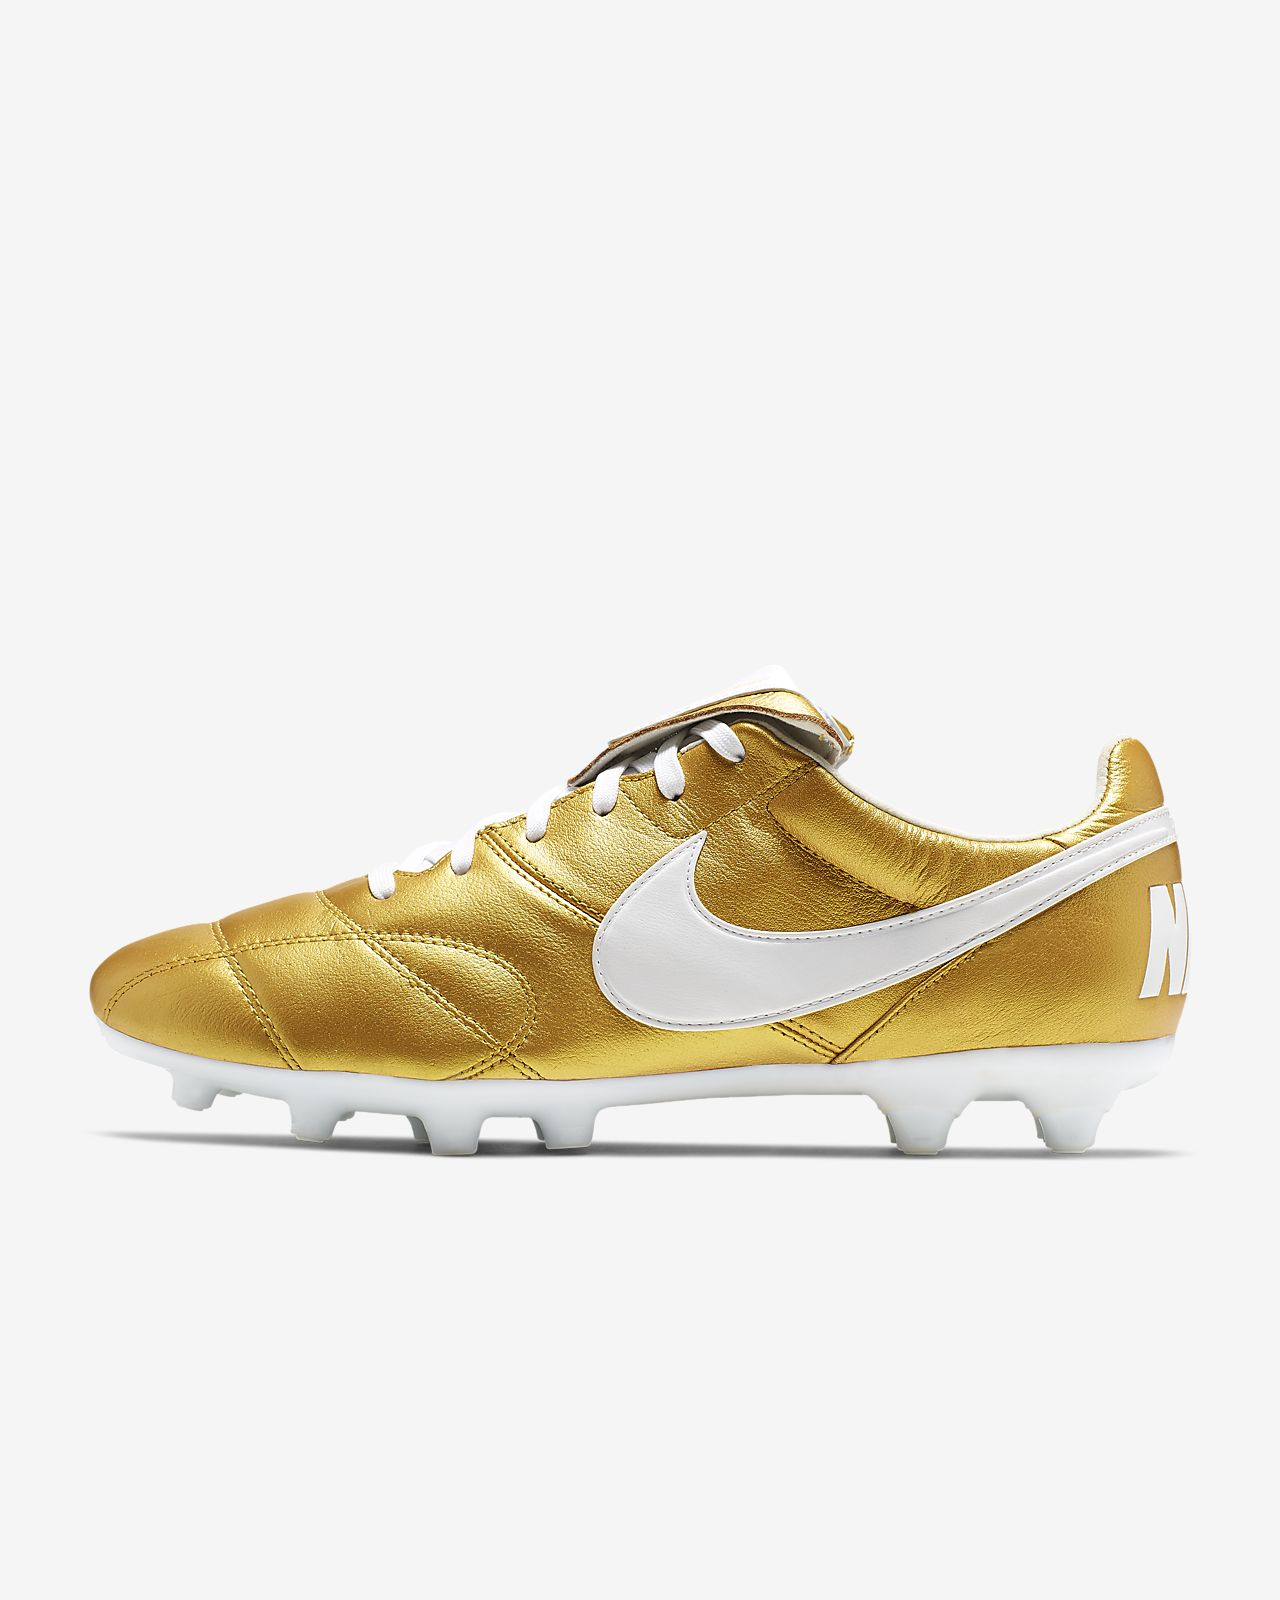 check out dd8ac ccd3e Nike Premier II FG Fußballschuh für normalen Rasen. Nike.com DE